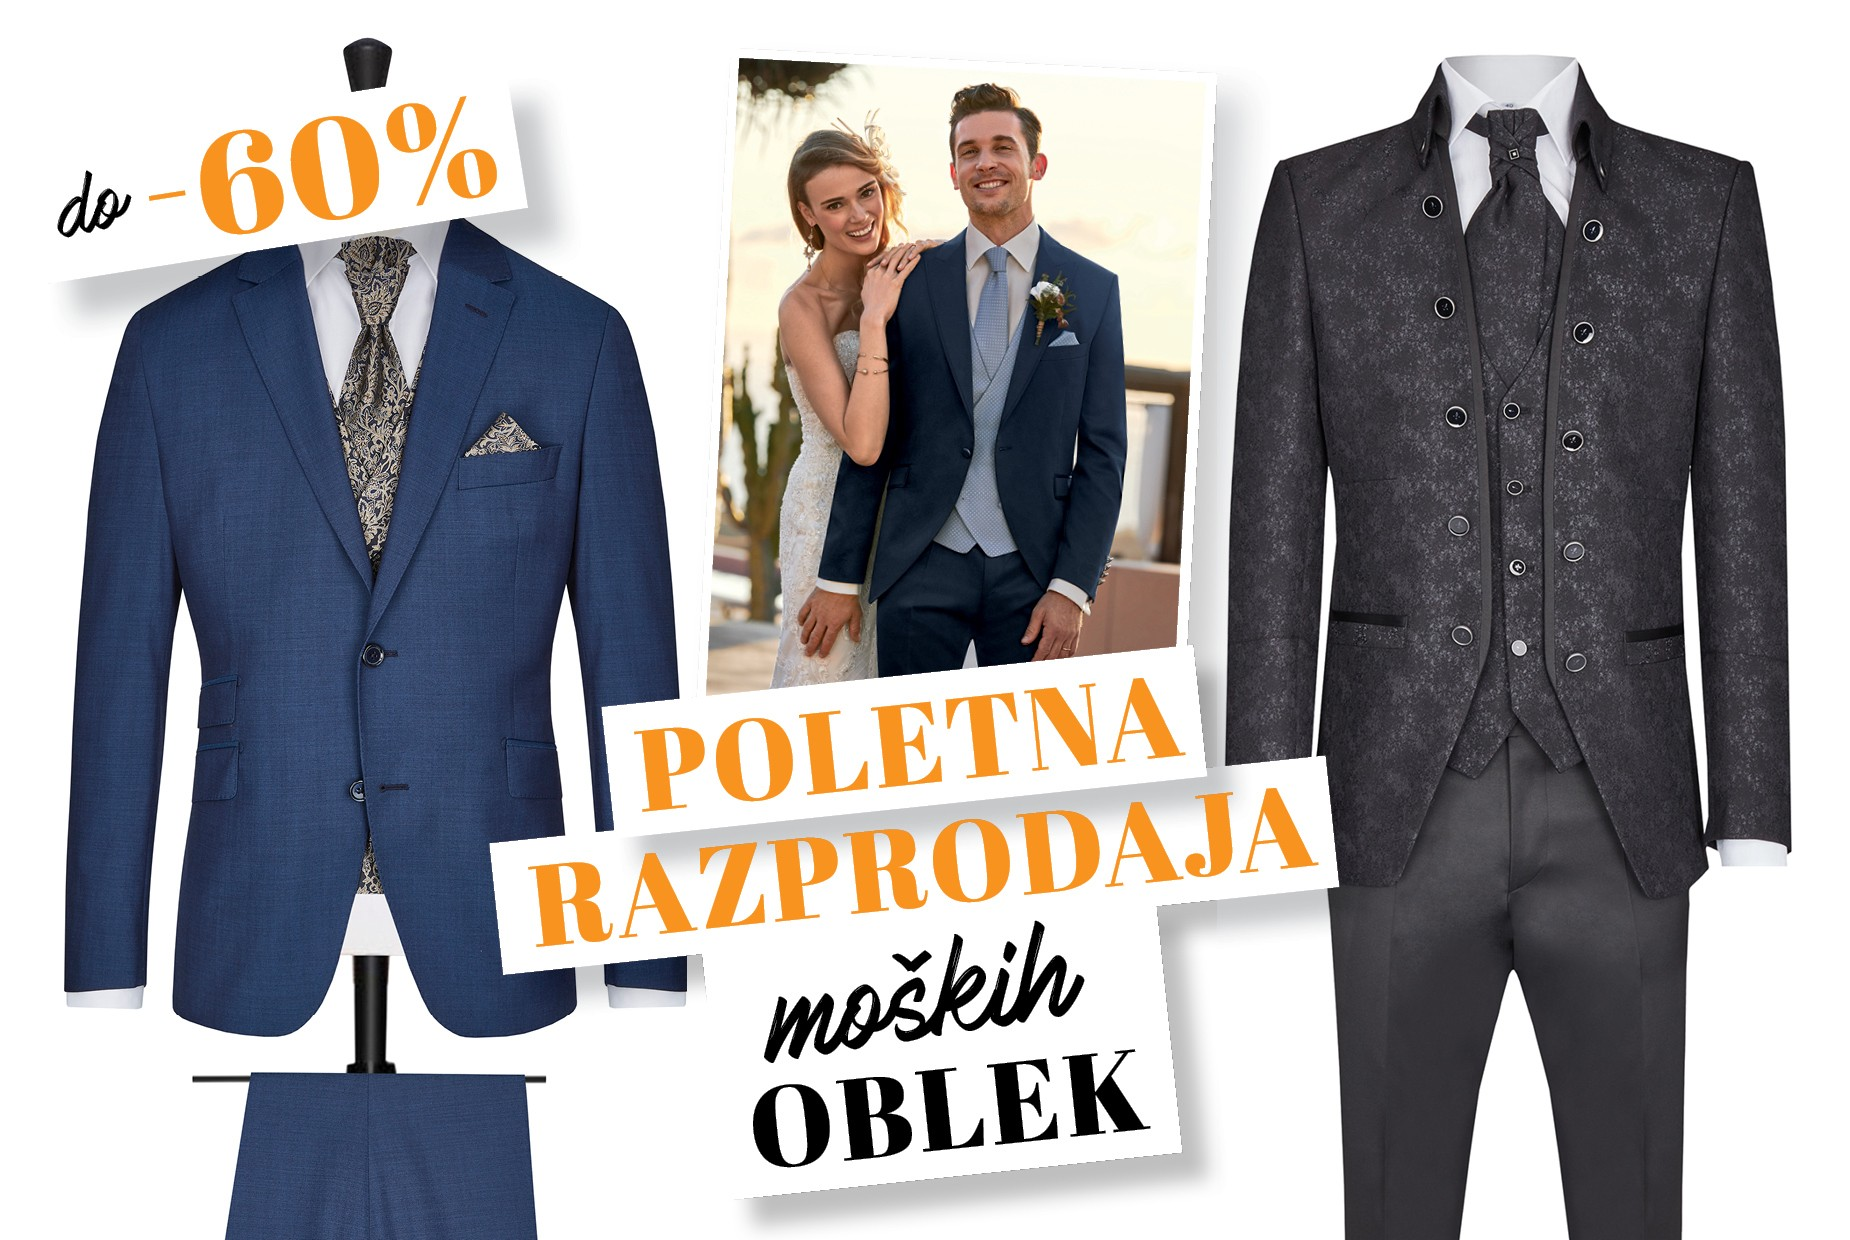 poletna razprodaja moskih oblek